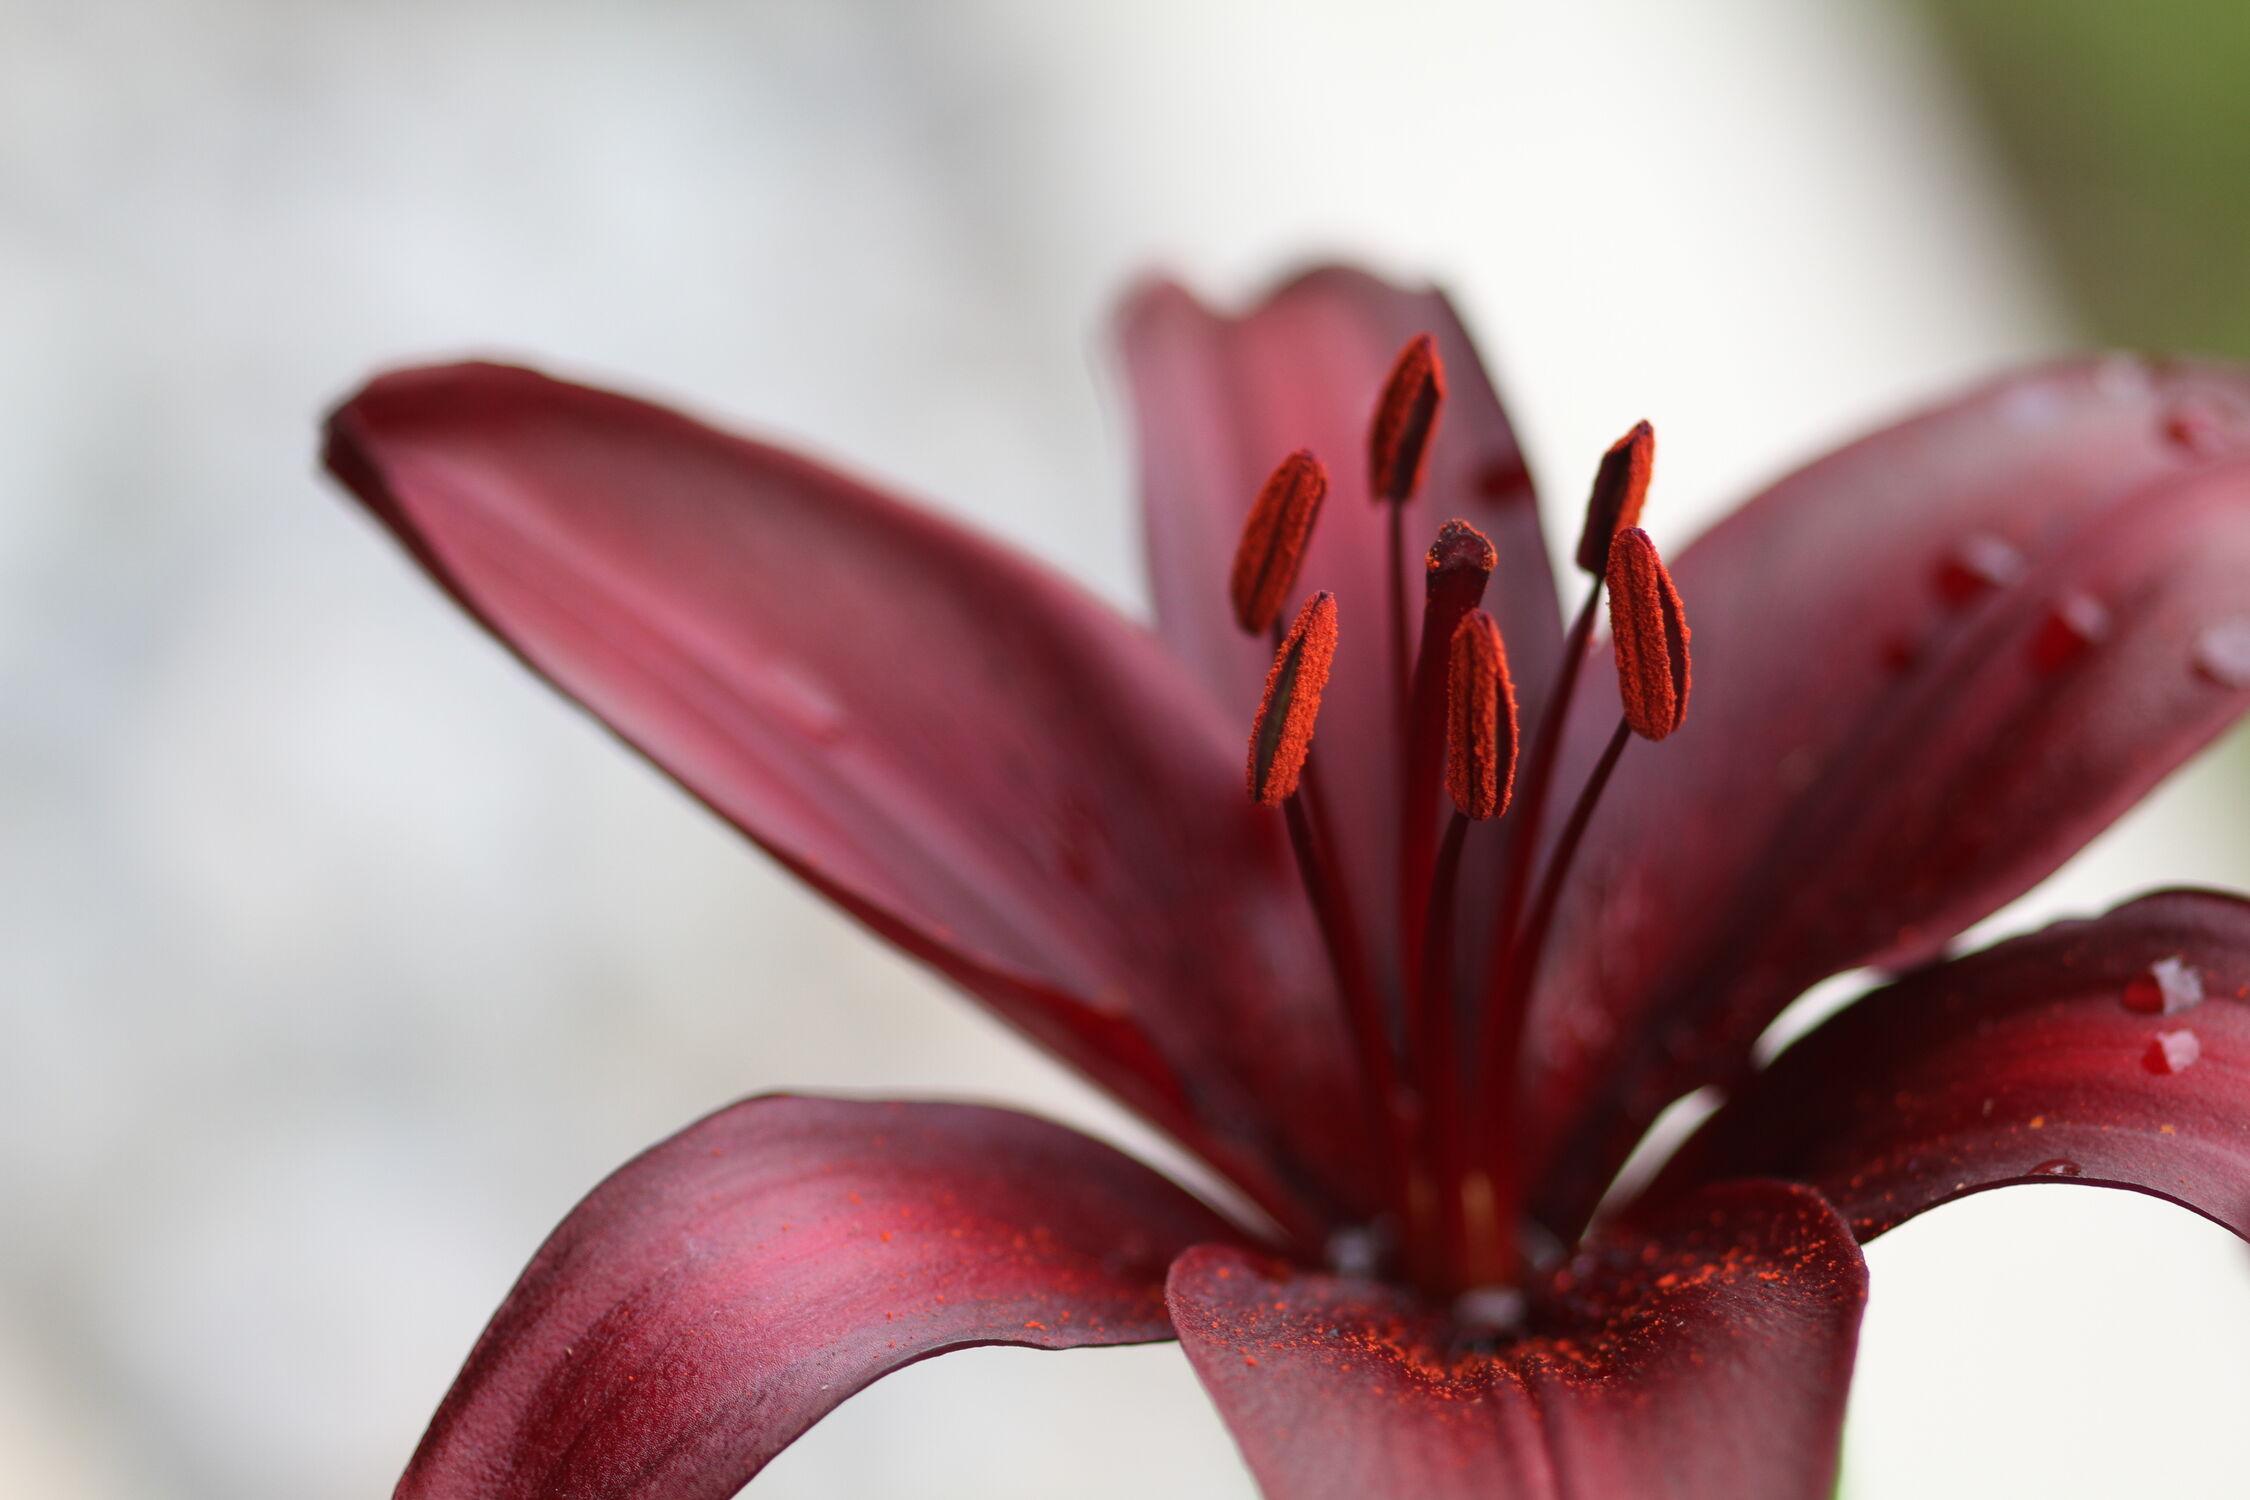 Bild mit Natur, Blumen, Violett, Sommer, Makro, Flower, Regentropfen, Lilie, Blüten, Lilienblüte